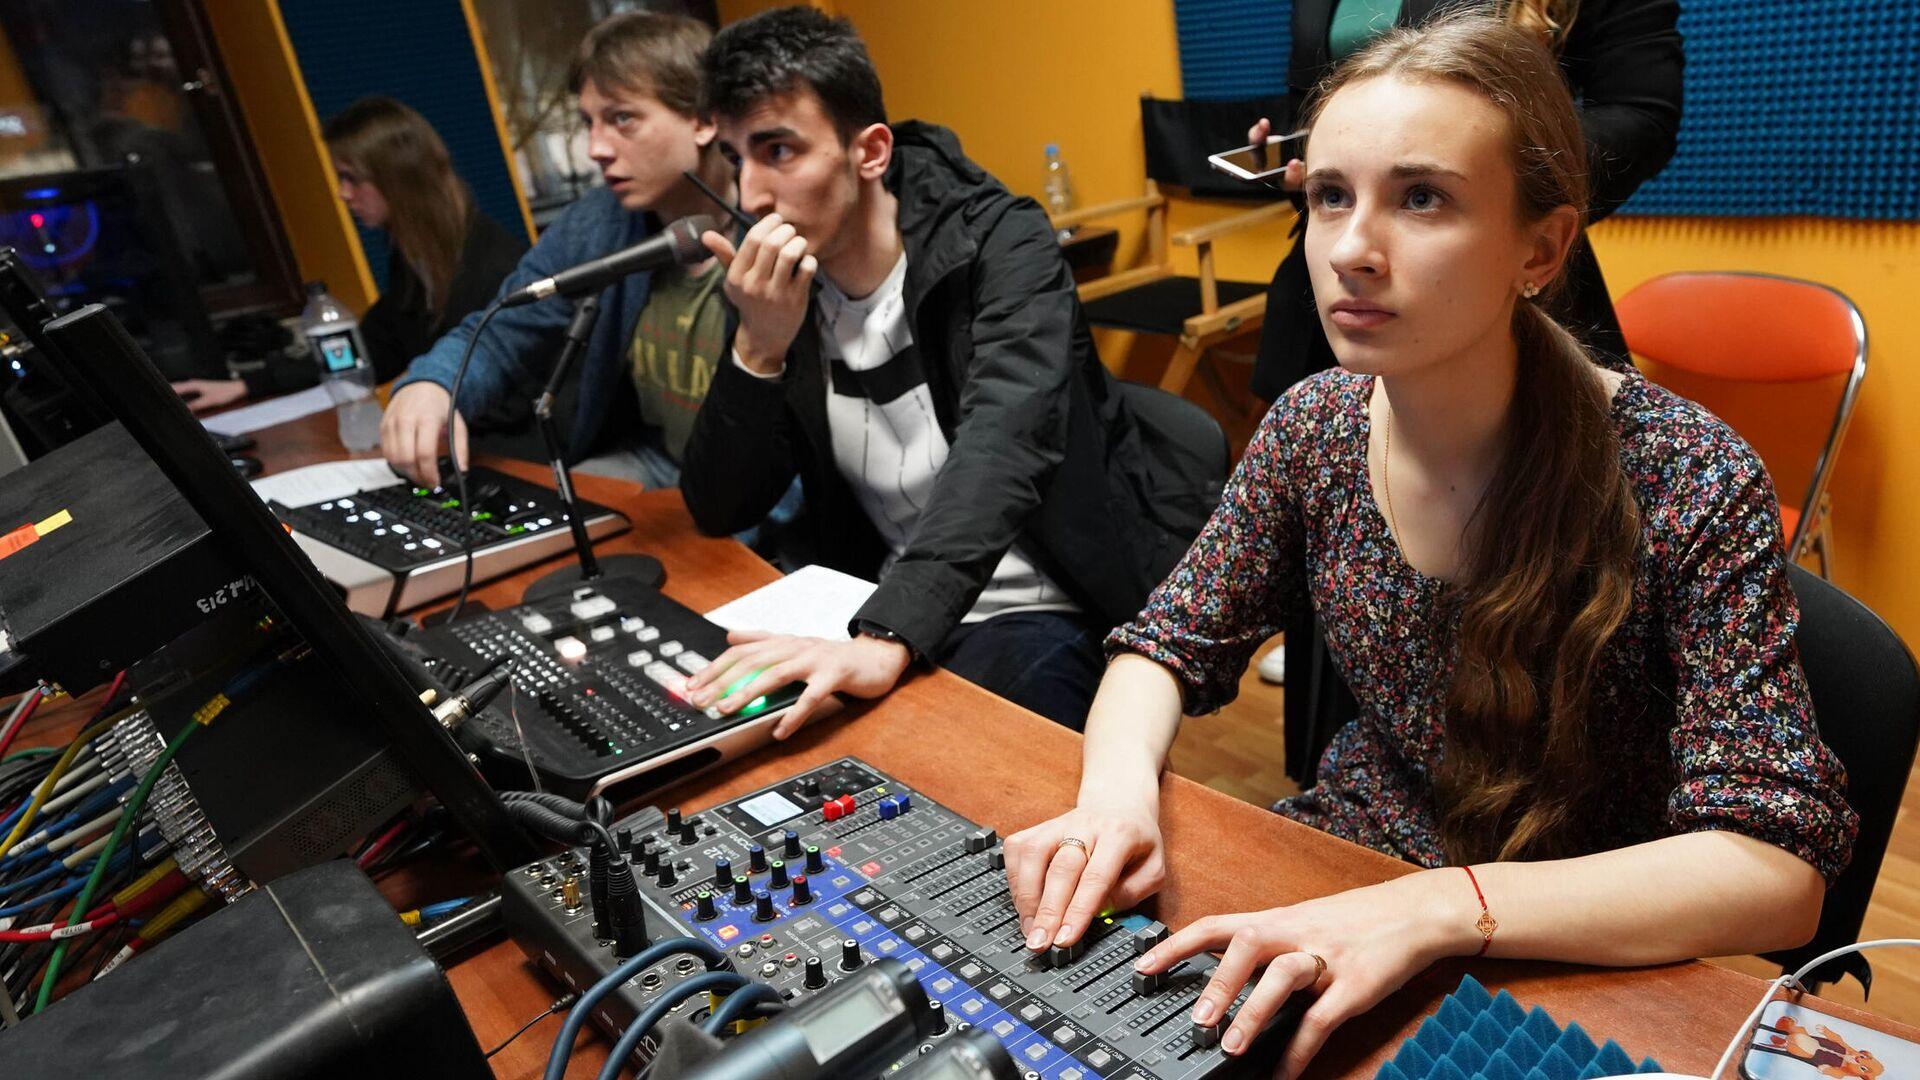 Студенты – представители медиацентров вузов проходят образовательный интенсив от МАСТ - РИА Новости, 1920, 18.08.2020